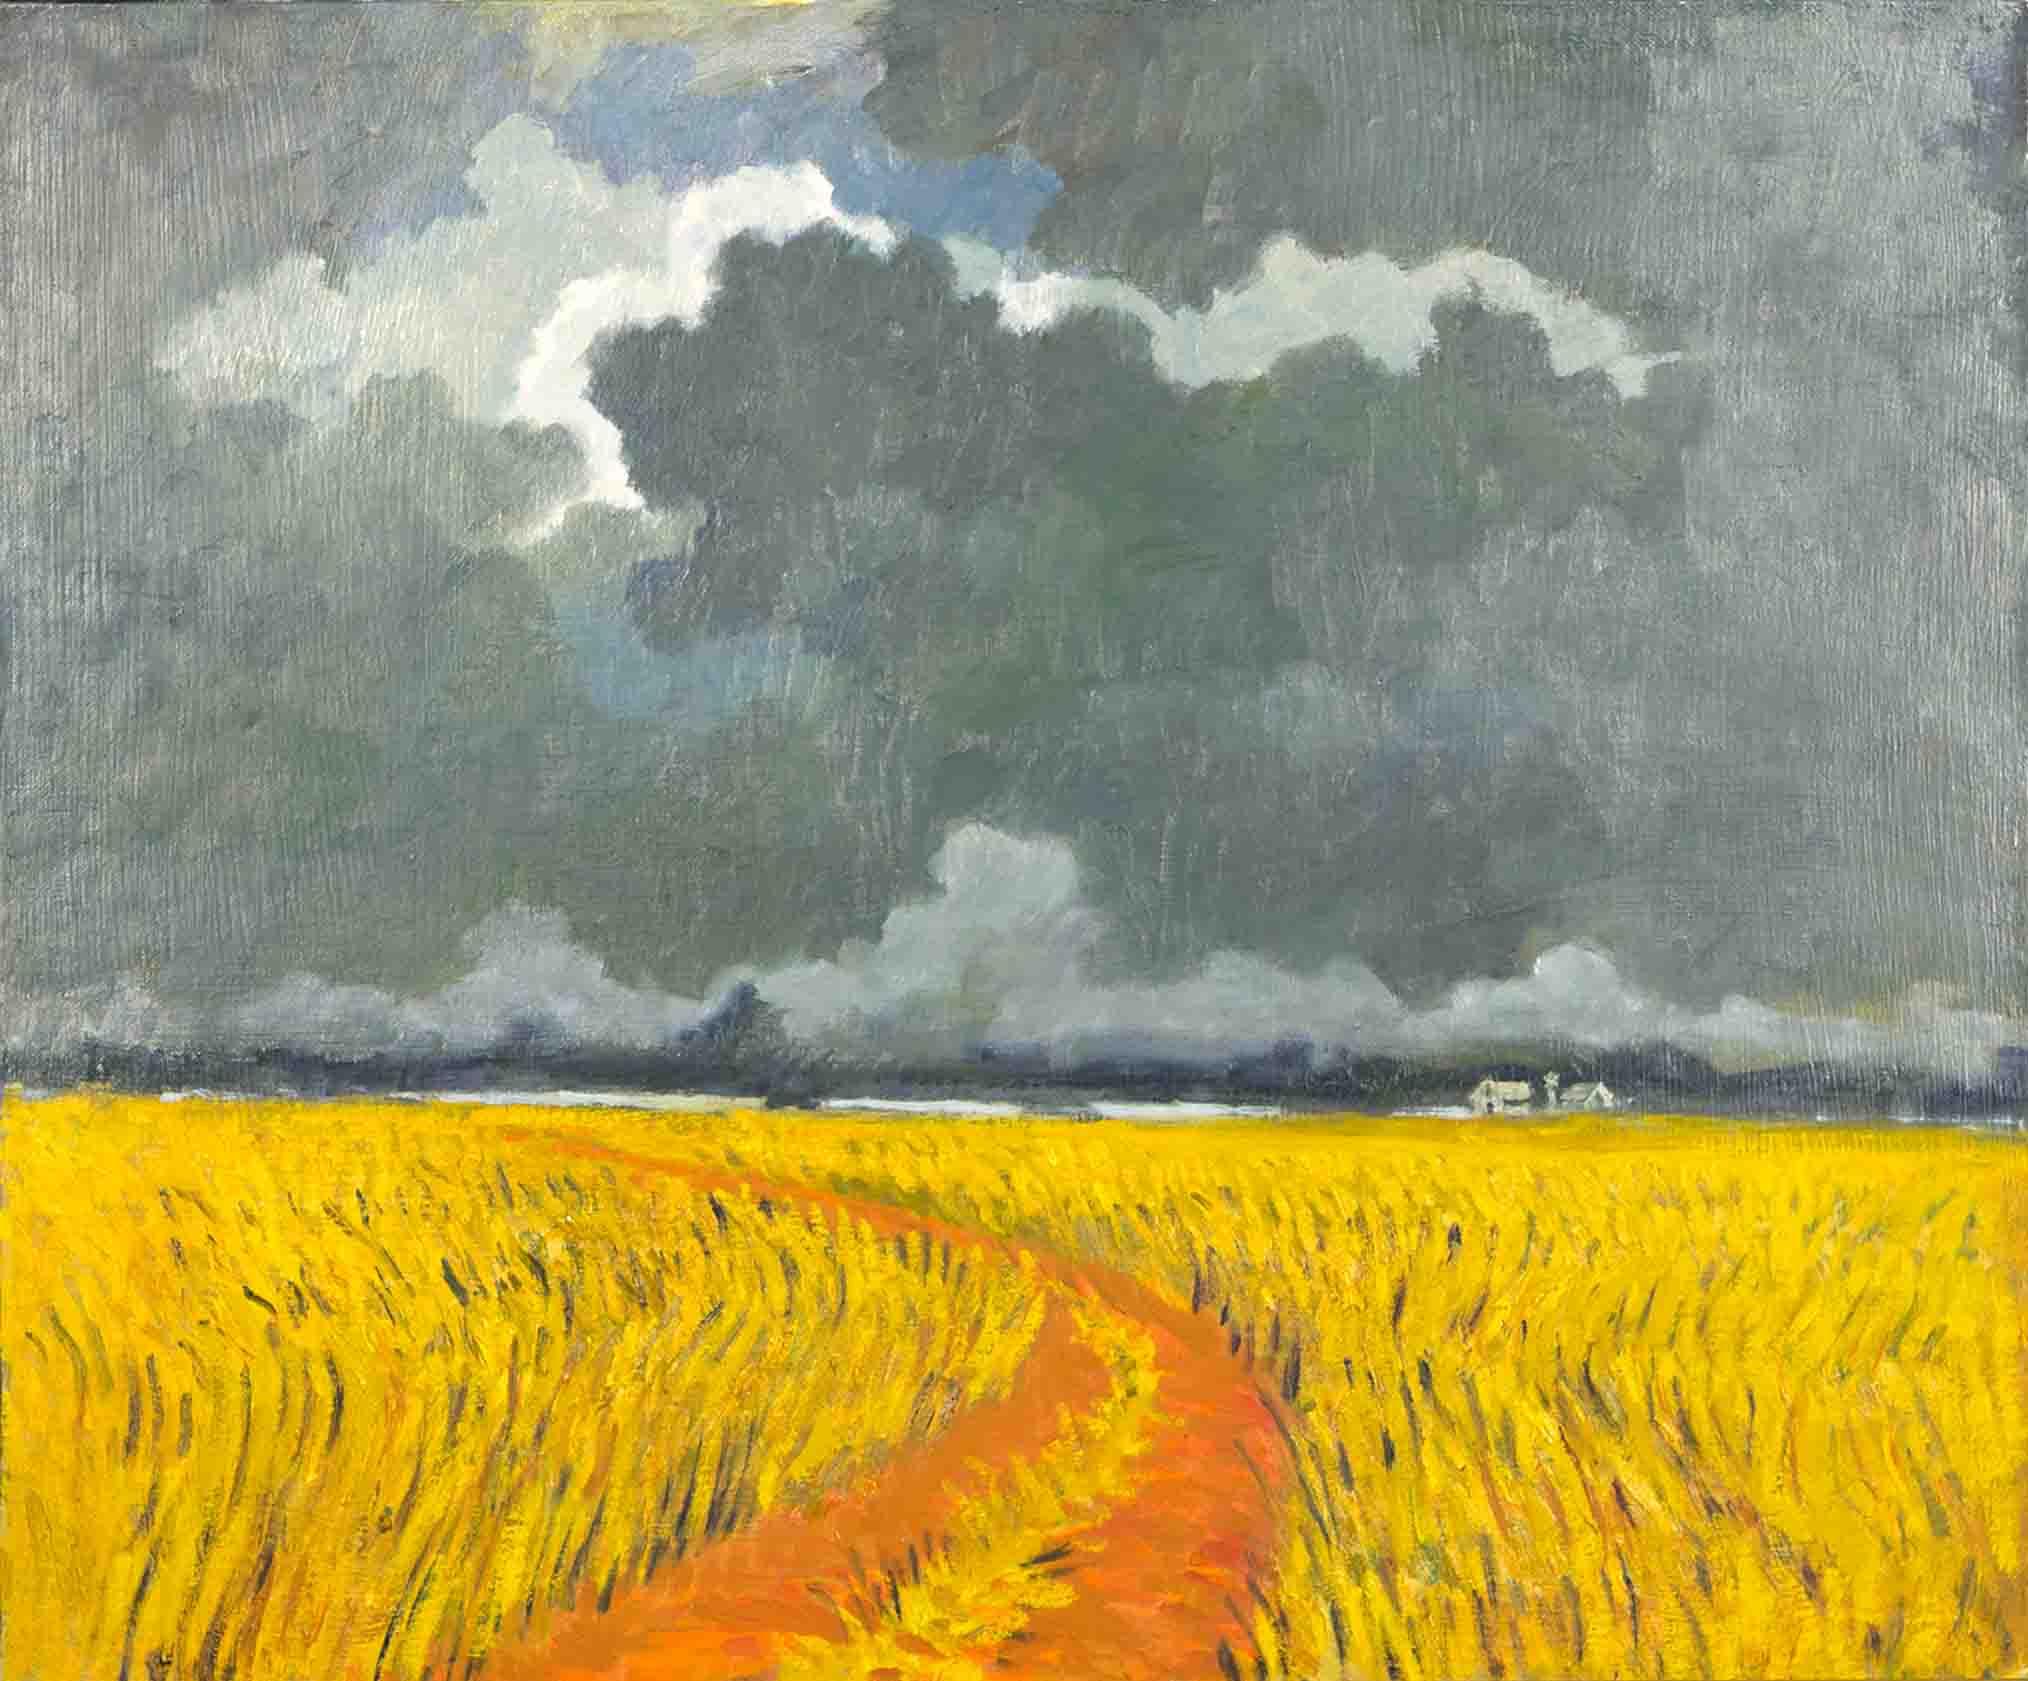 Poole Bradley Wheat Fields.jpg